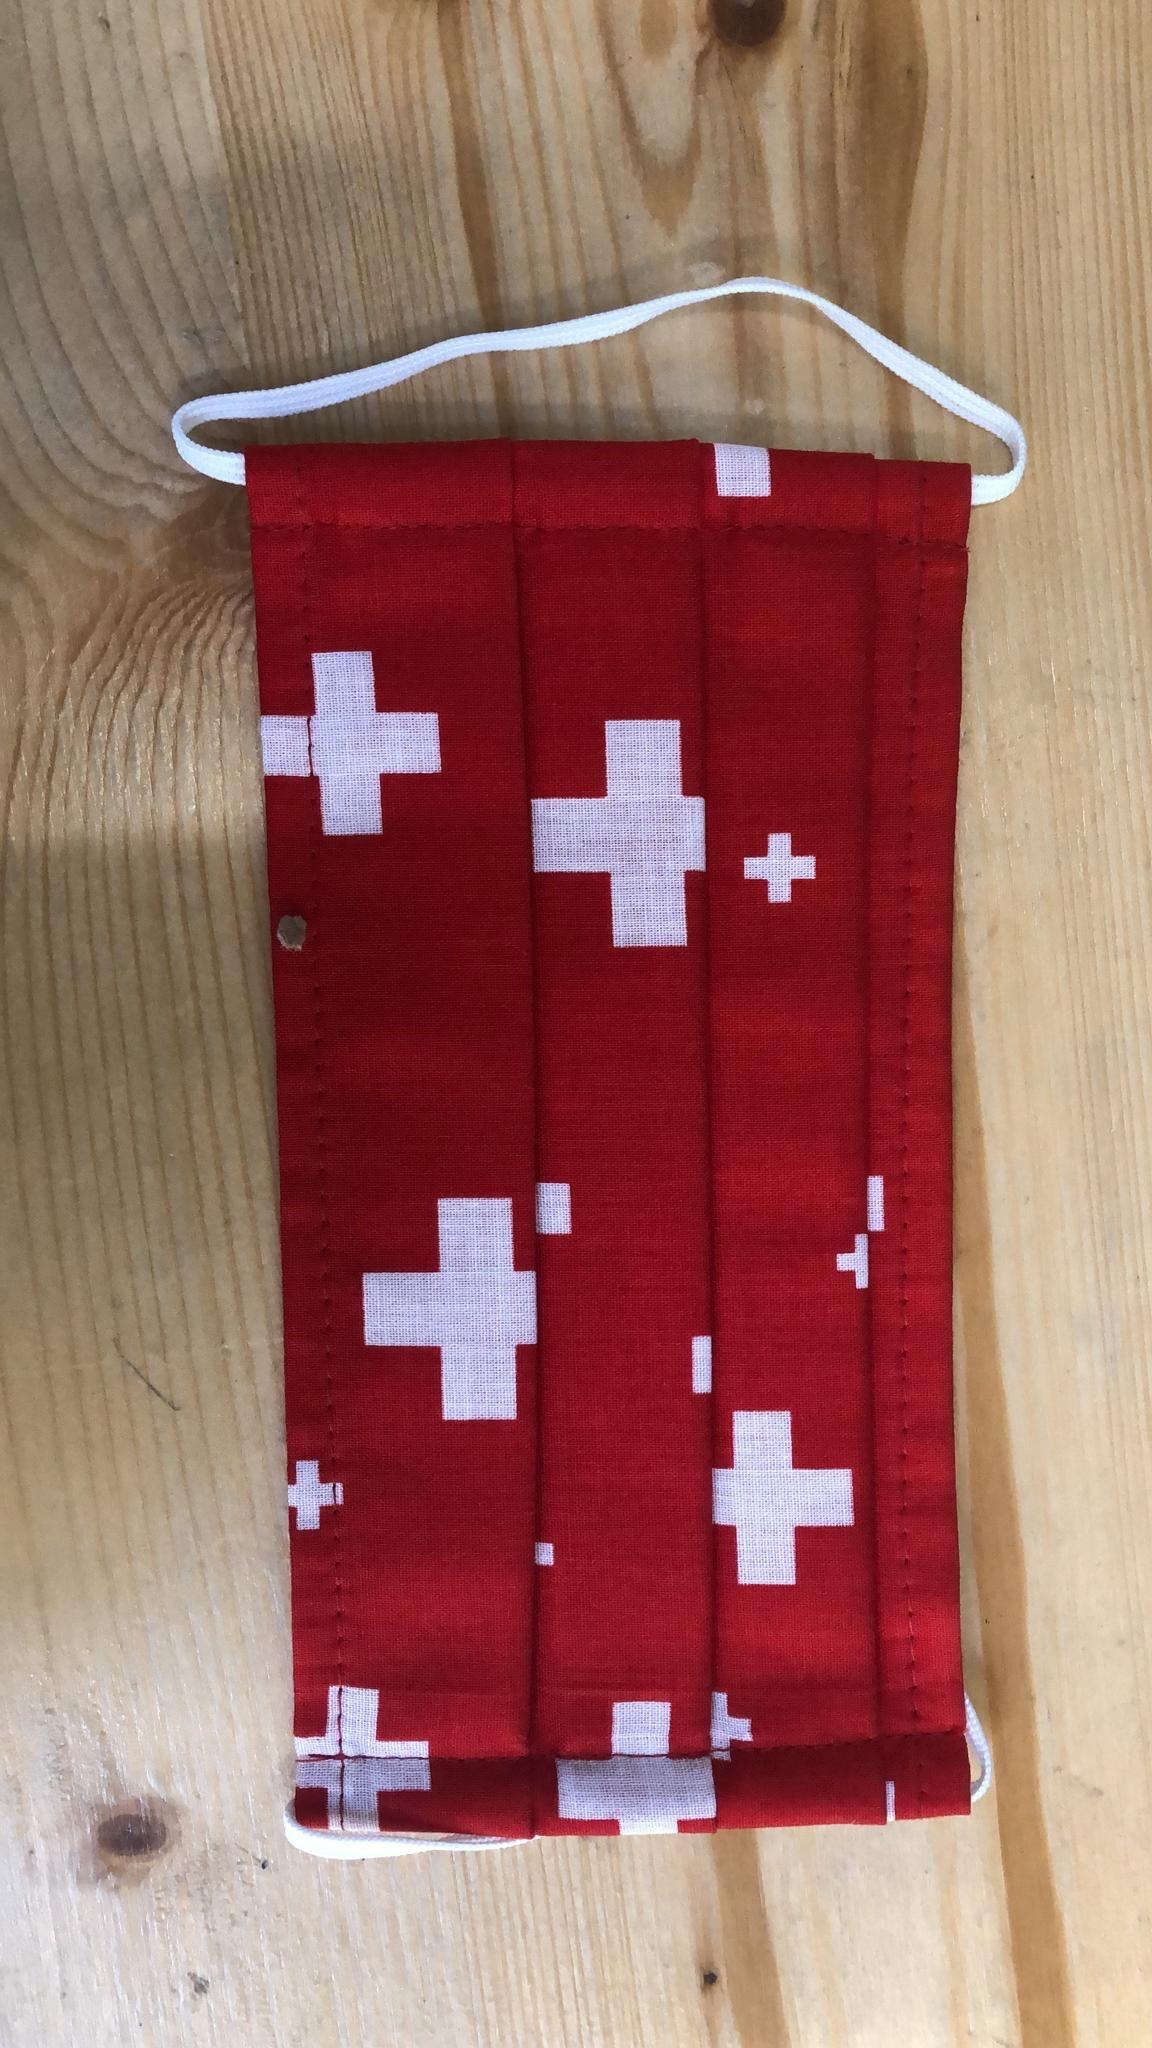 Kneuss Kleider 84.4 -  Gesichtsmaske Swissly